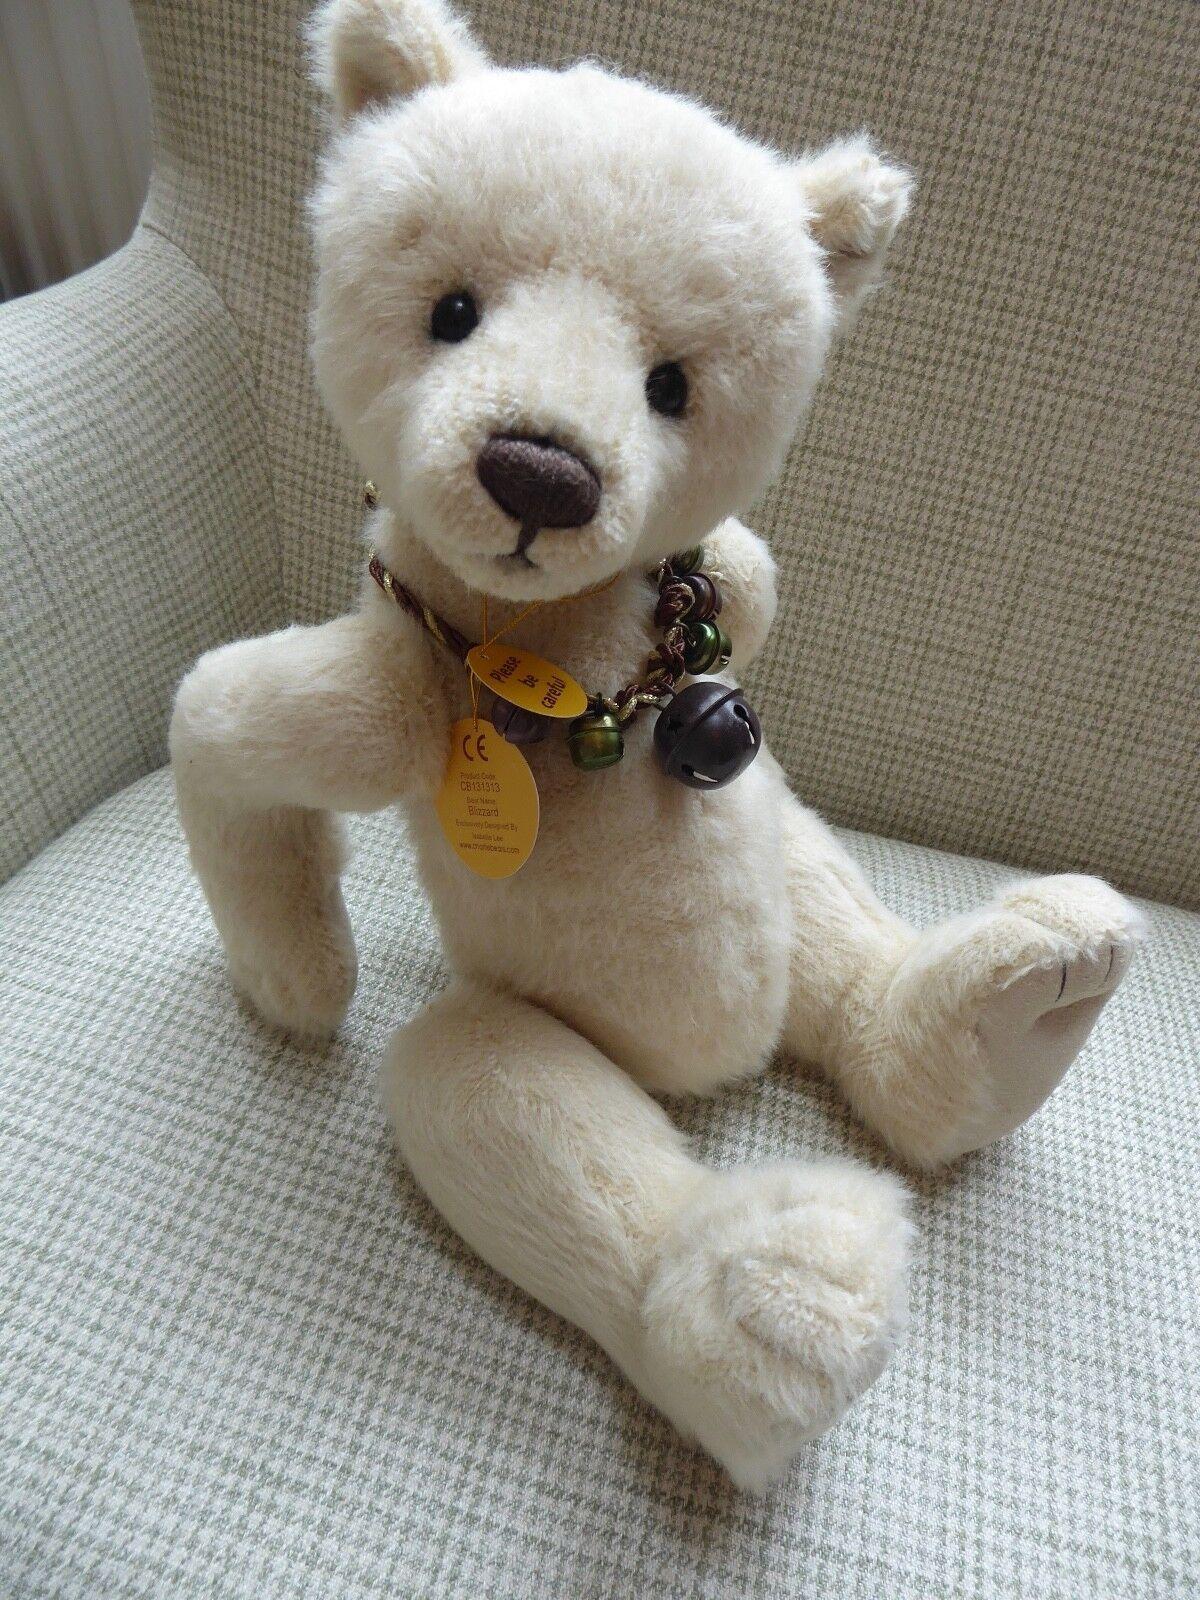 CHARLIE BEAR BLIZZARD, WINTER Weiß POLAR BEAR, 15  38CMS, WITH TAGS, IMMAC.